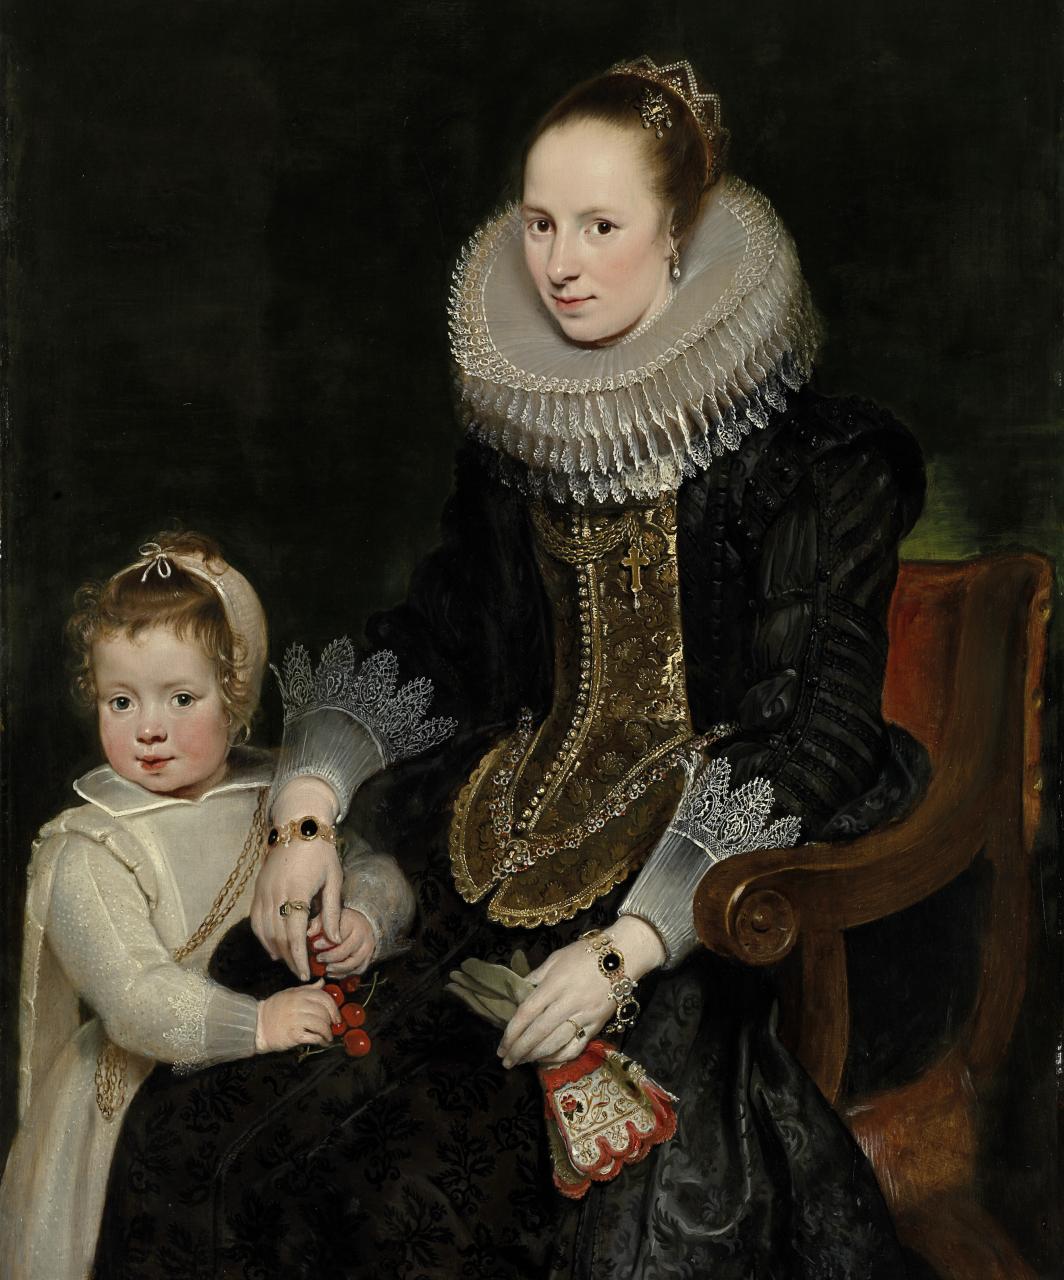 A aparência poderosa da Vida: Mãe de Cornelis de Vos e criança